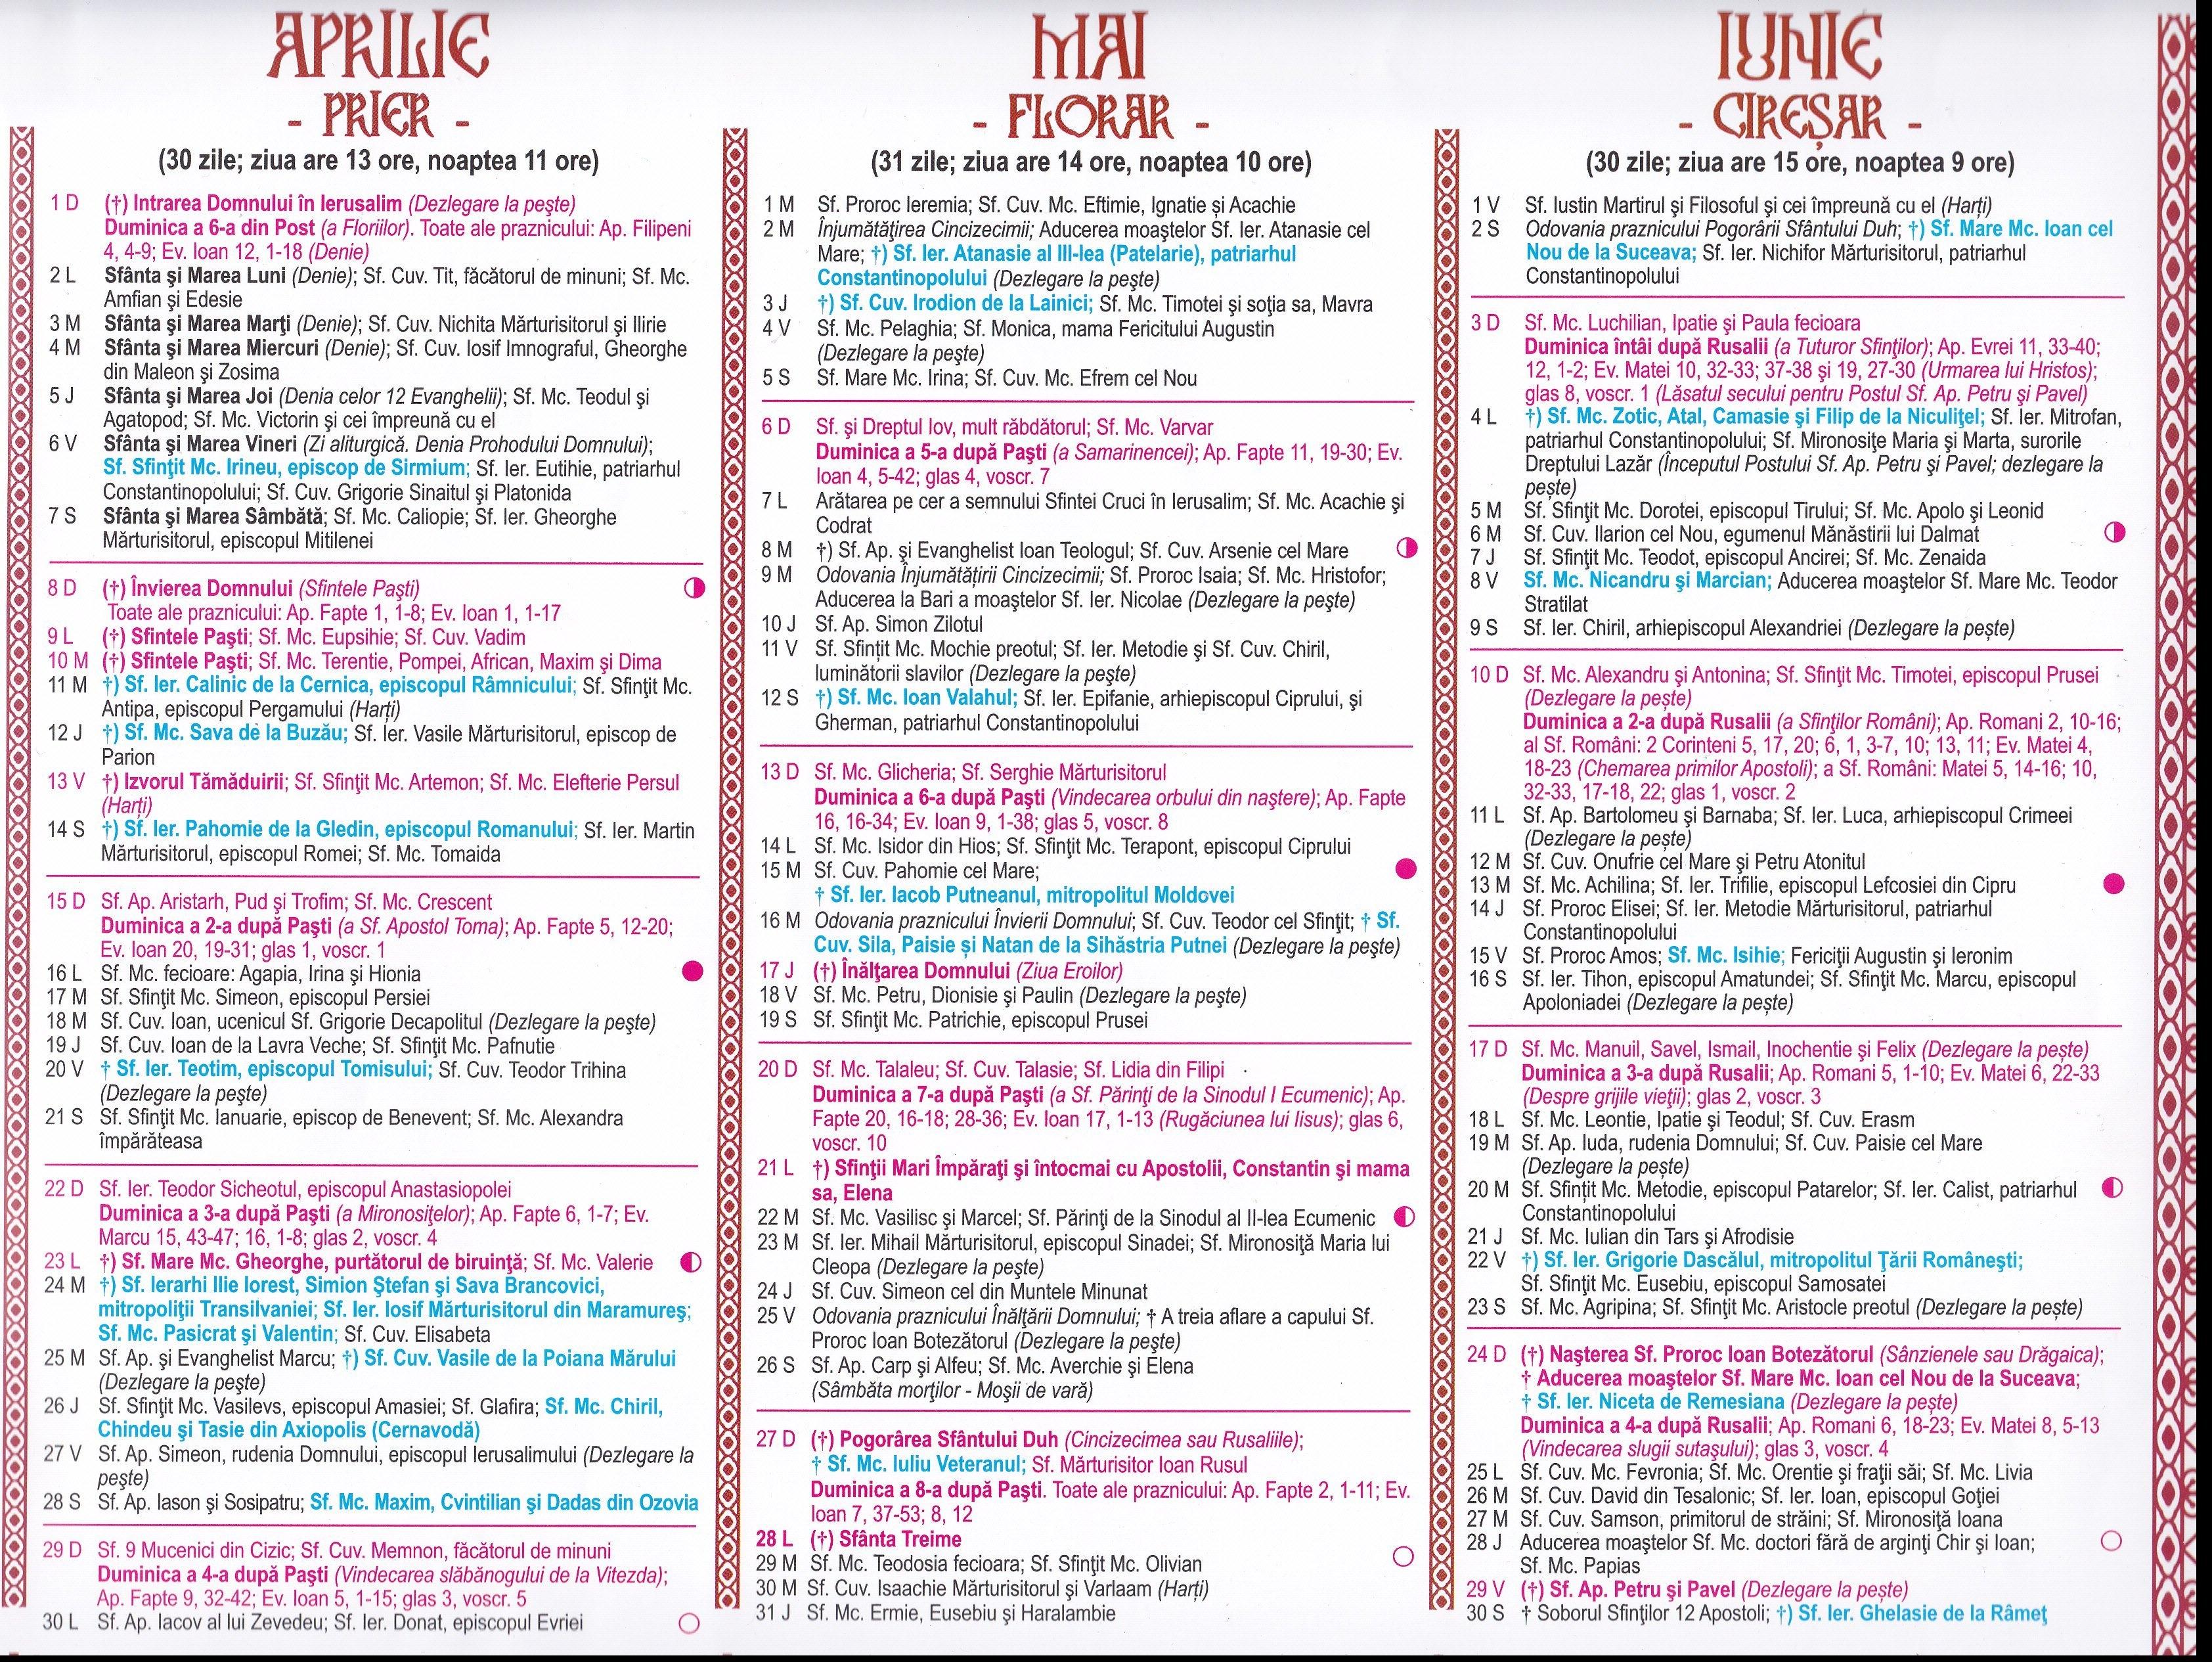 Calendar Ortodox 2018 Aprilie . Luna În Care Avem 7 Sărbători Cu 8 Iunie 2019 Calendar Ortodox